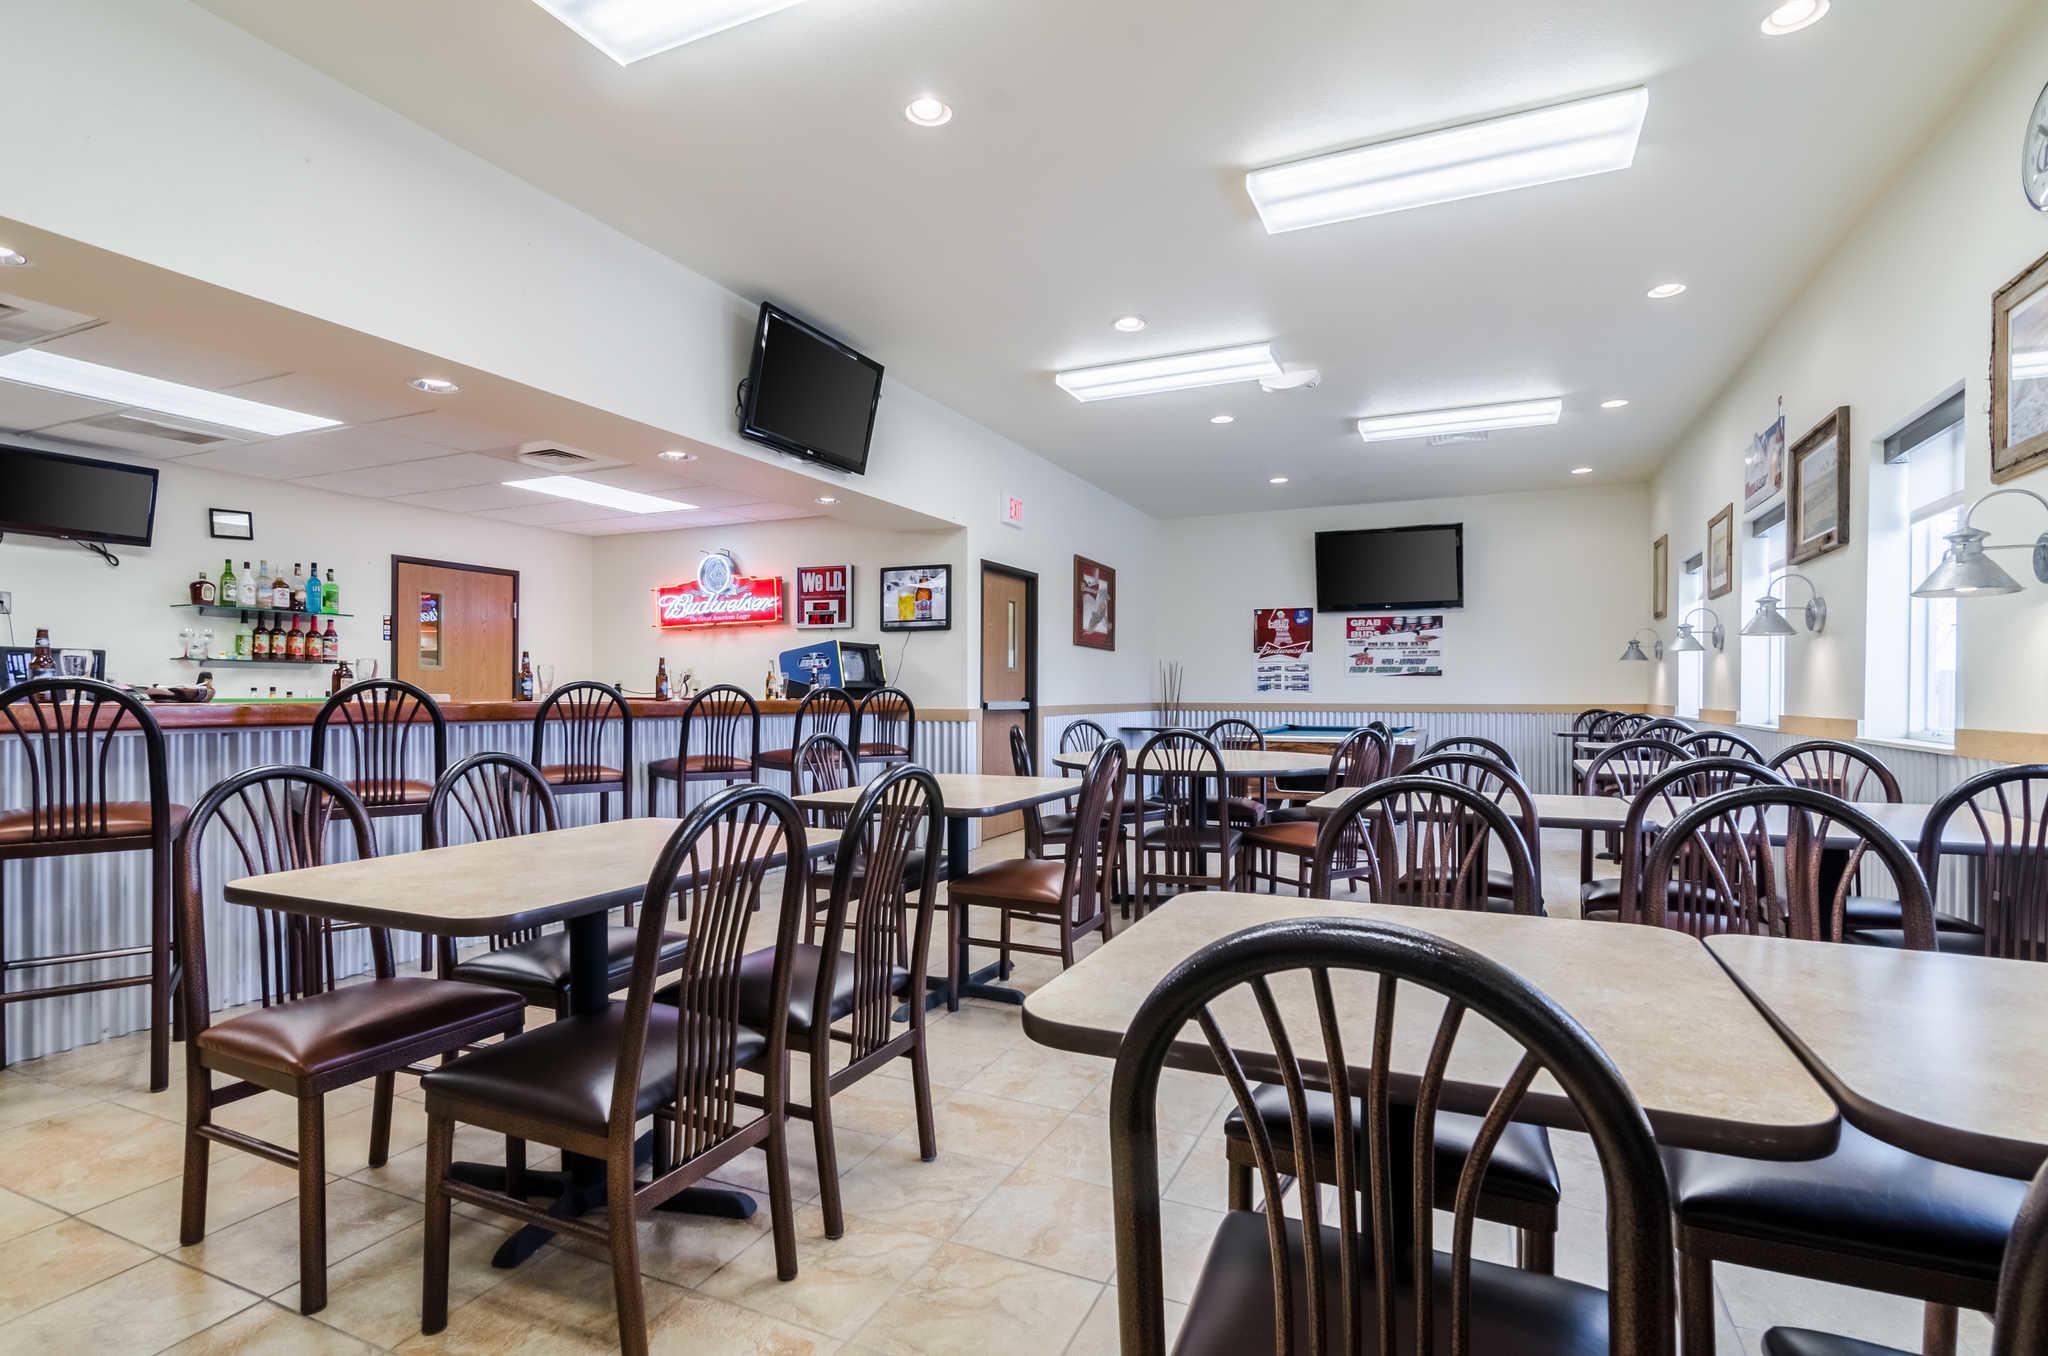 Rodeway Inn & Suites image 35